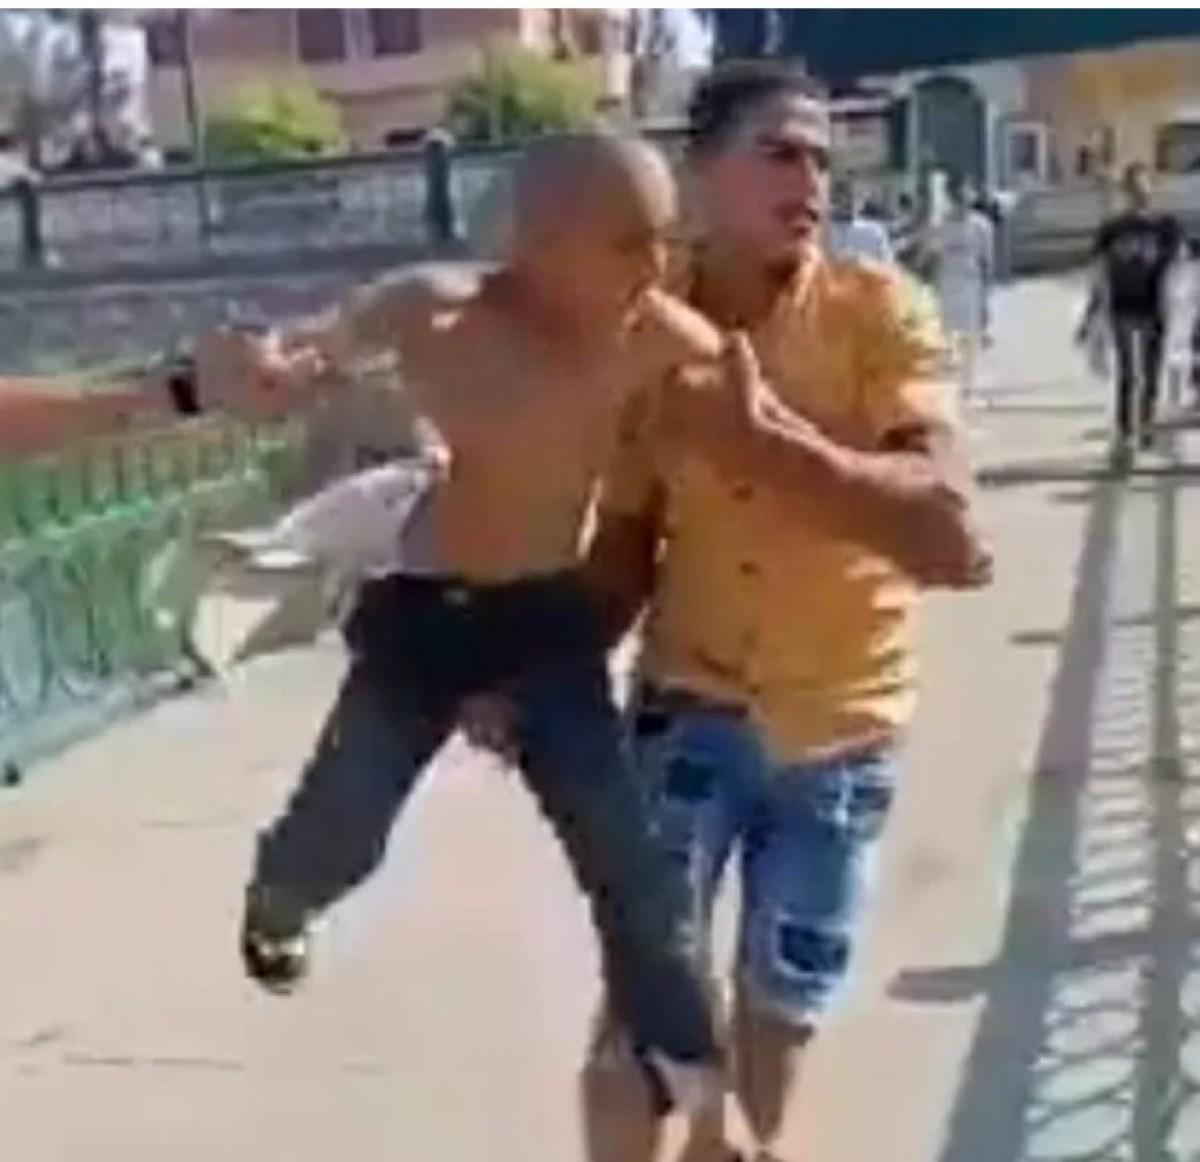 شابان يلقيان طفلا بنهر النيل فى البحيرة على سبيل السخرية